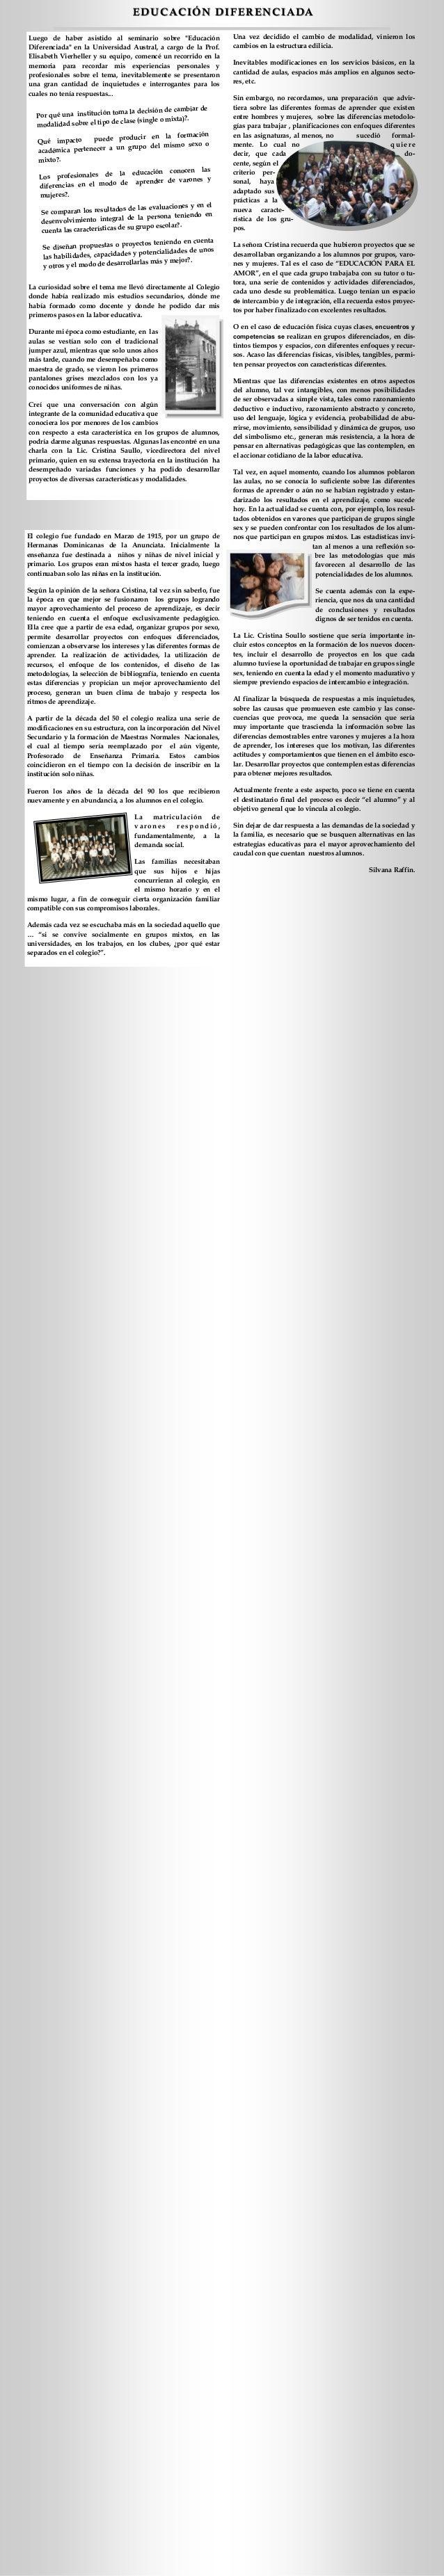 """EDUCACIÓN DIFERENCIADAEDUCACIÓN DIFERENCIADA Luego de haber asistido al seminario sobre """"Educación Diferenciada"""" en la Uni..."""